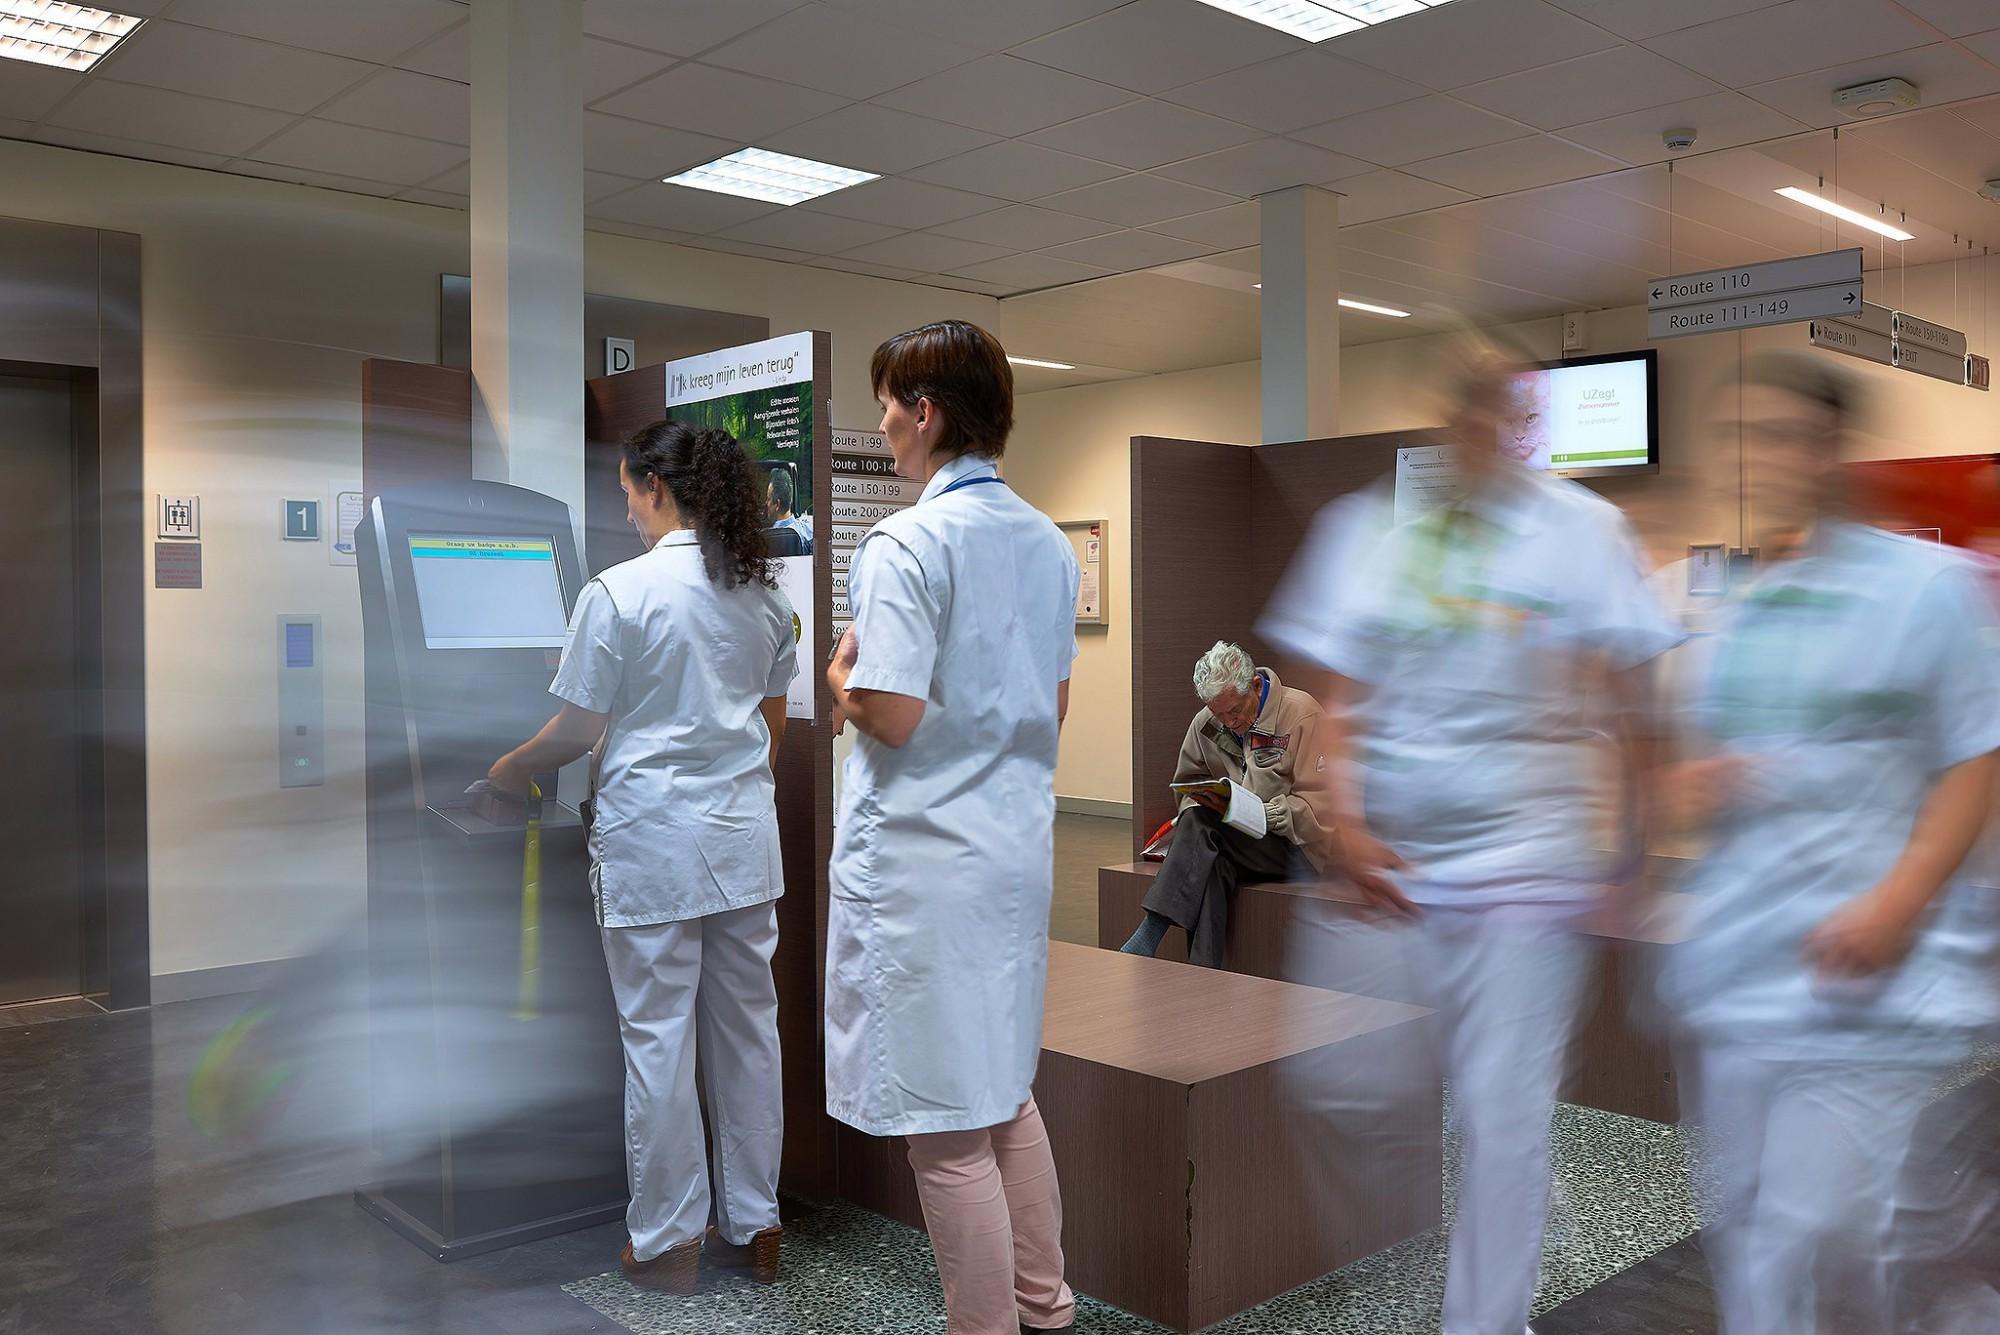 Afbeelding: Registratie technieken in hospitalen voor GET, locatie fotografie Leuven.